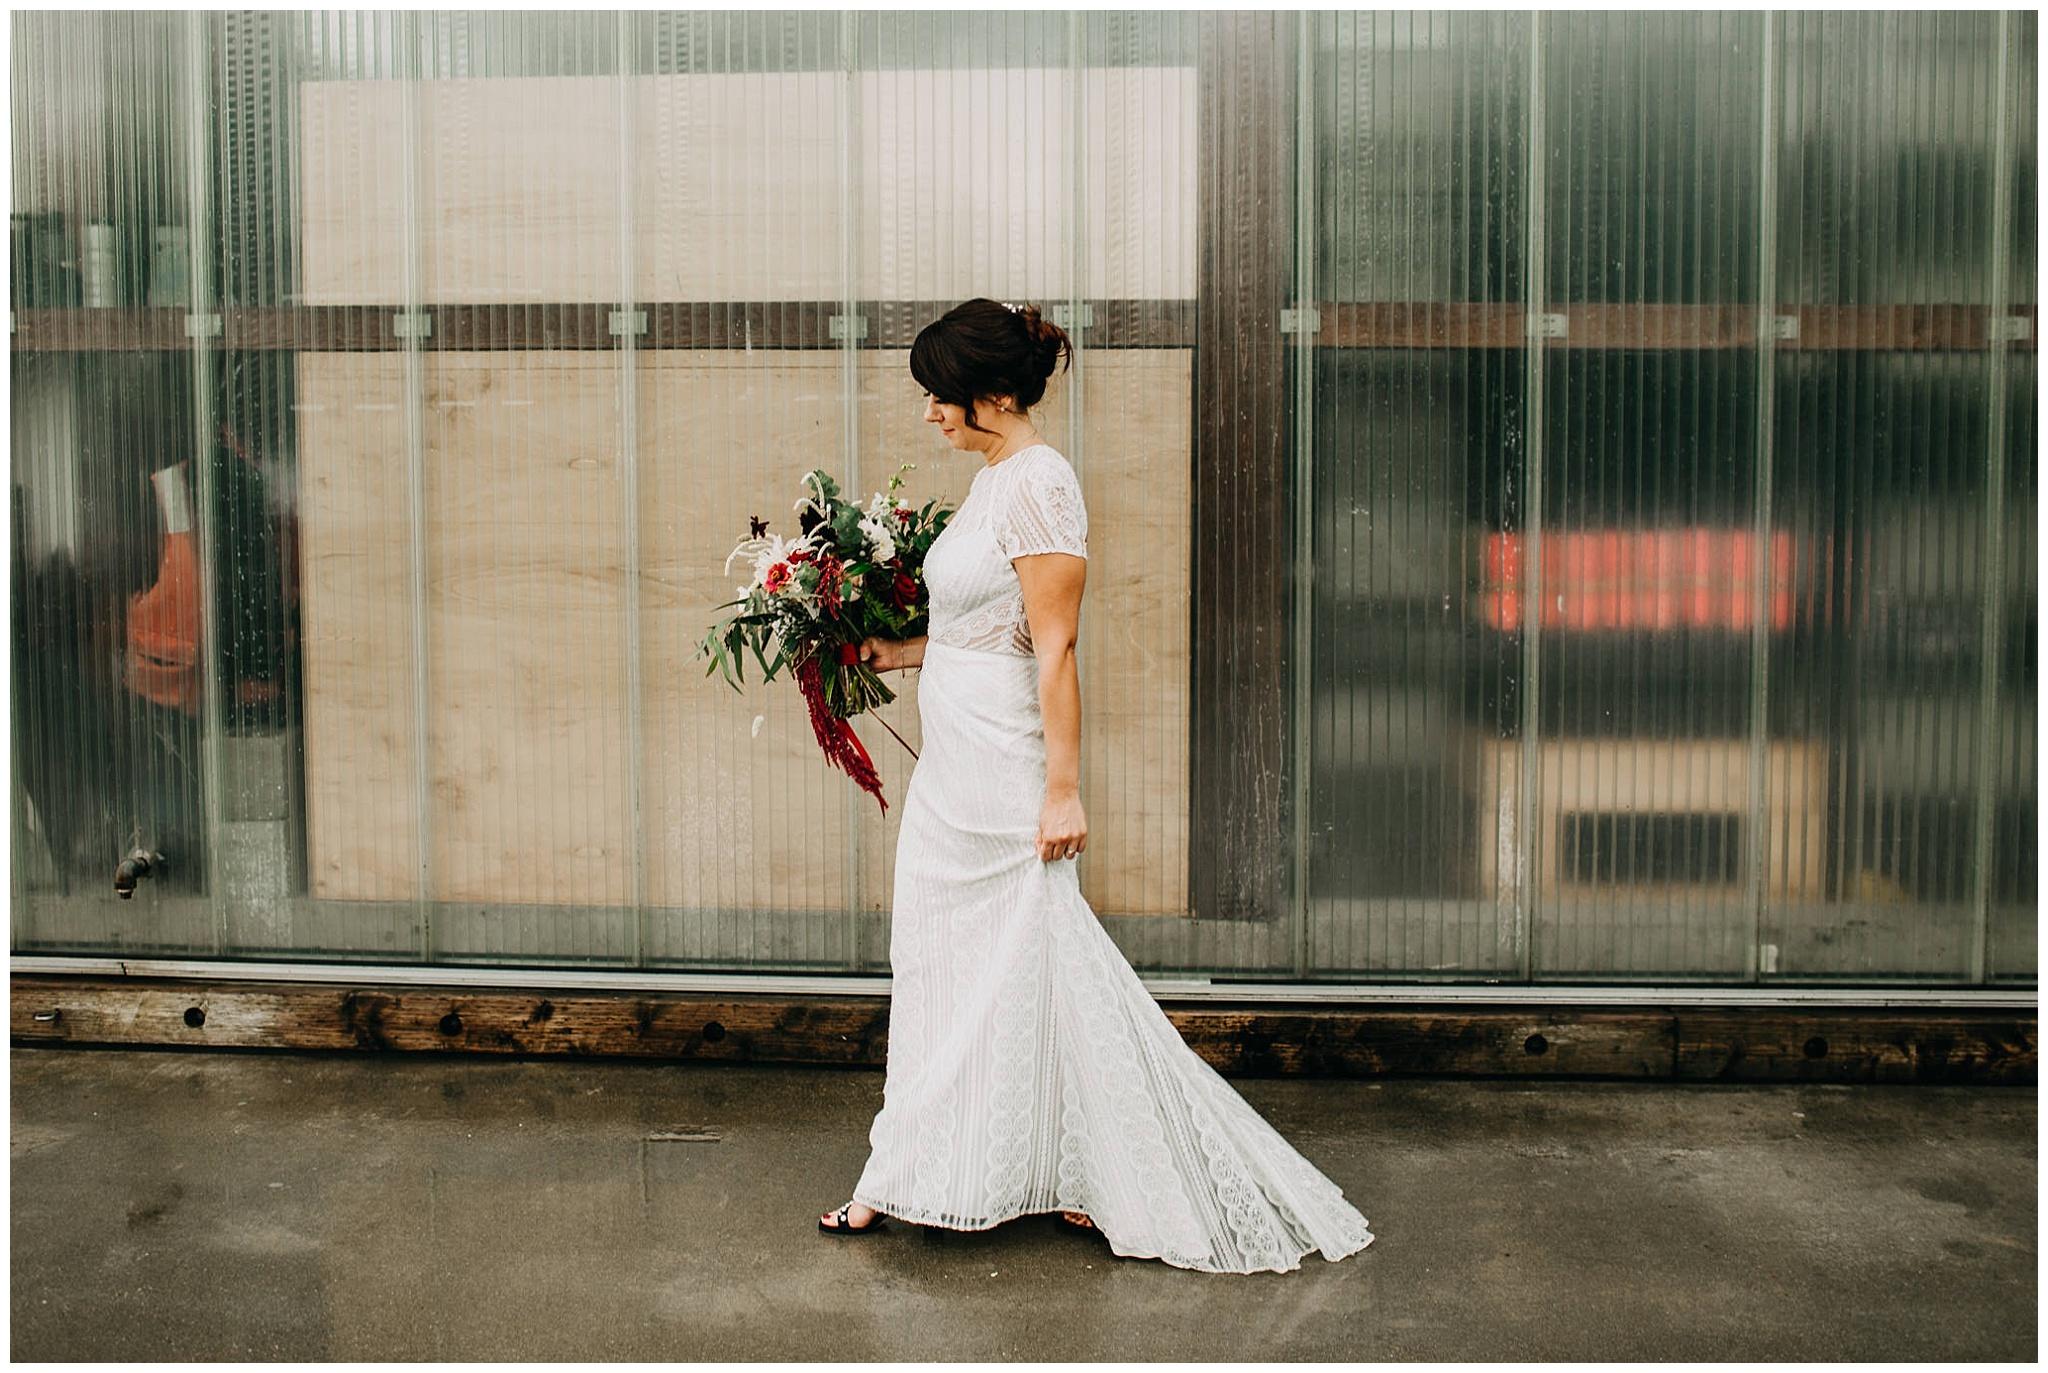 bride portrait at rainy ubc boathouse wedding